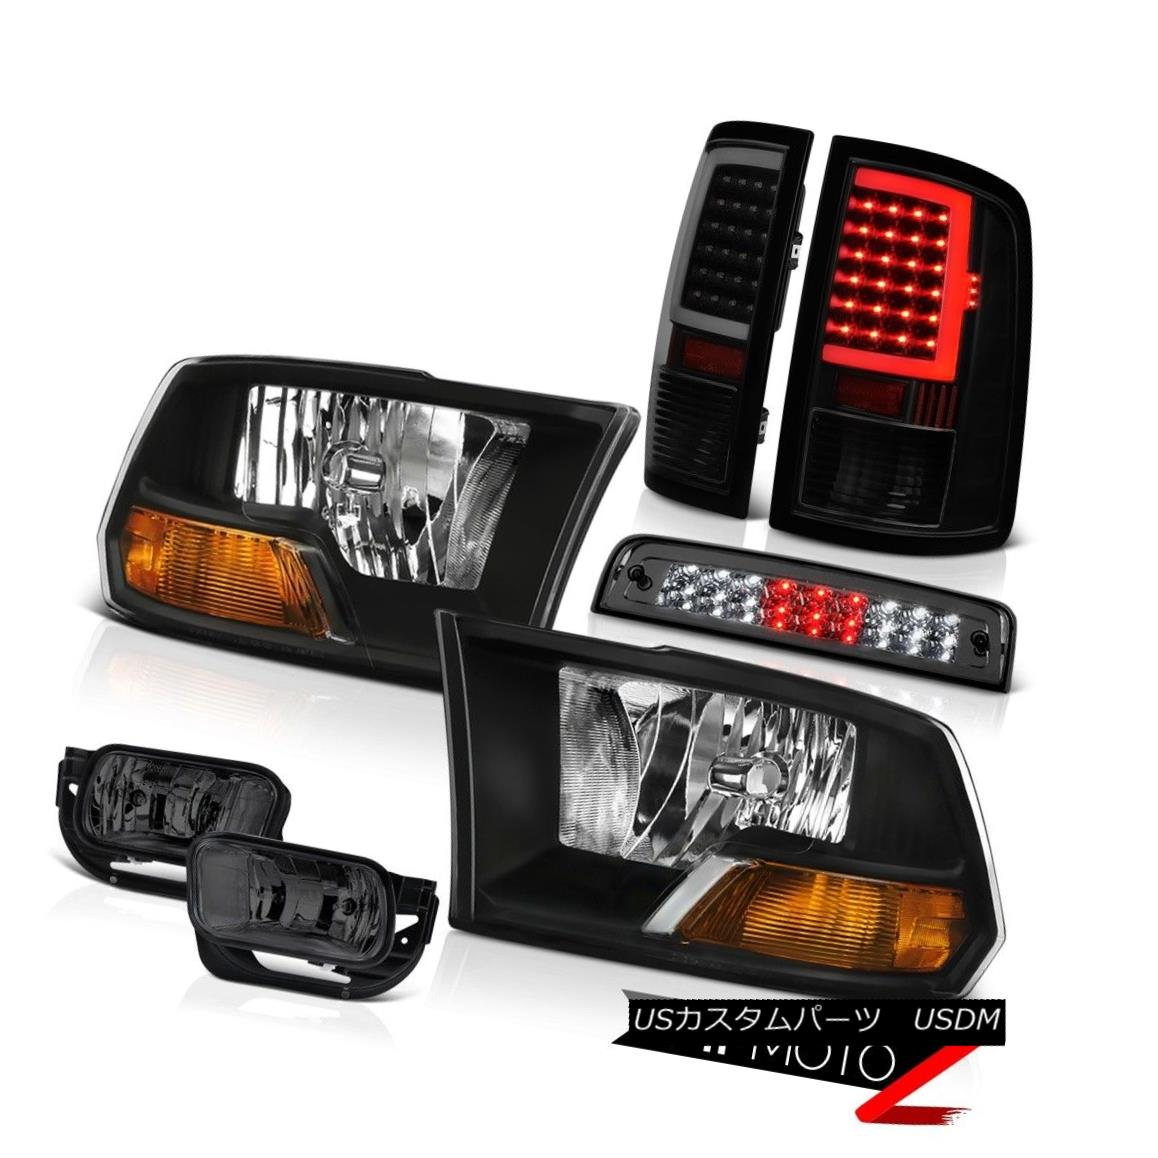 テールライト 09-11 12 13 Dodge RAM 1500 Tail Lights Fog Light Brake Factory Style Headlamps 09-11 12 13ダッジRAM 1500テールライトフォグライトブレーキ工場スタイルヘッドライト